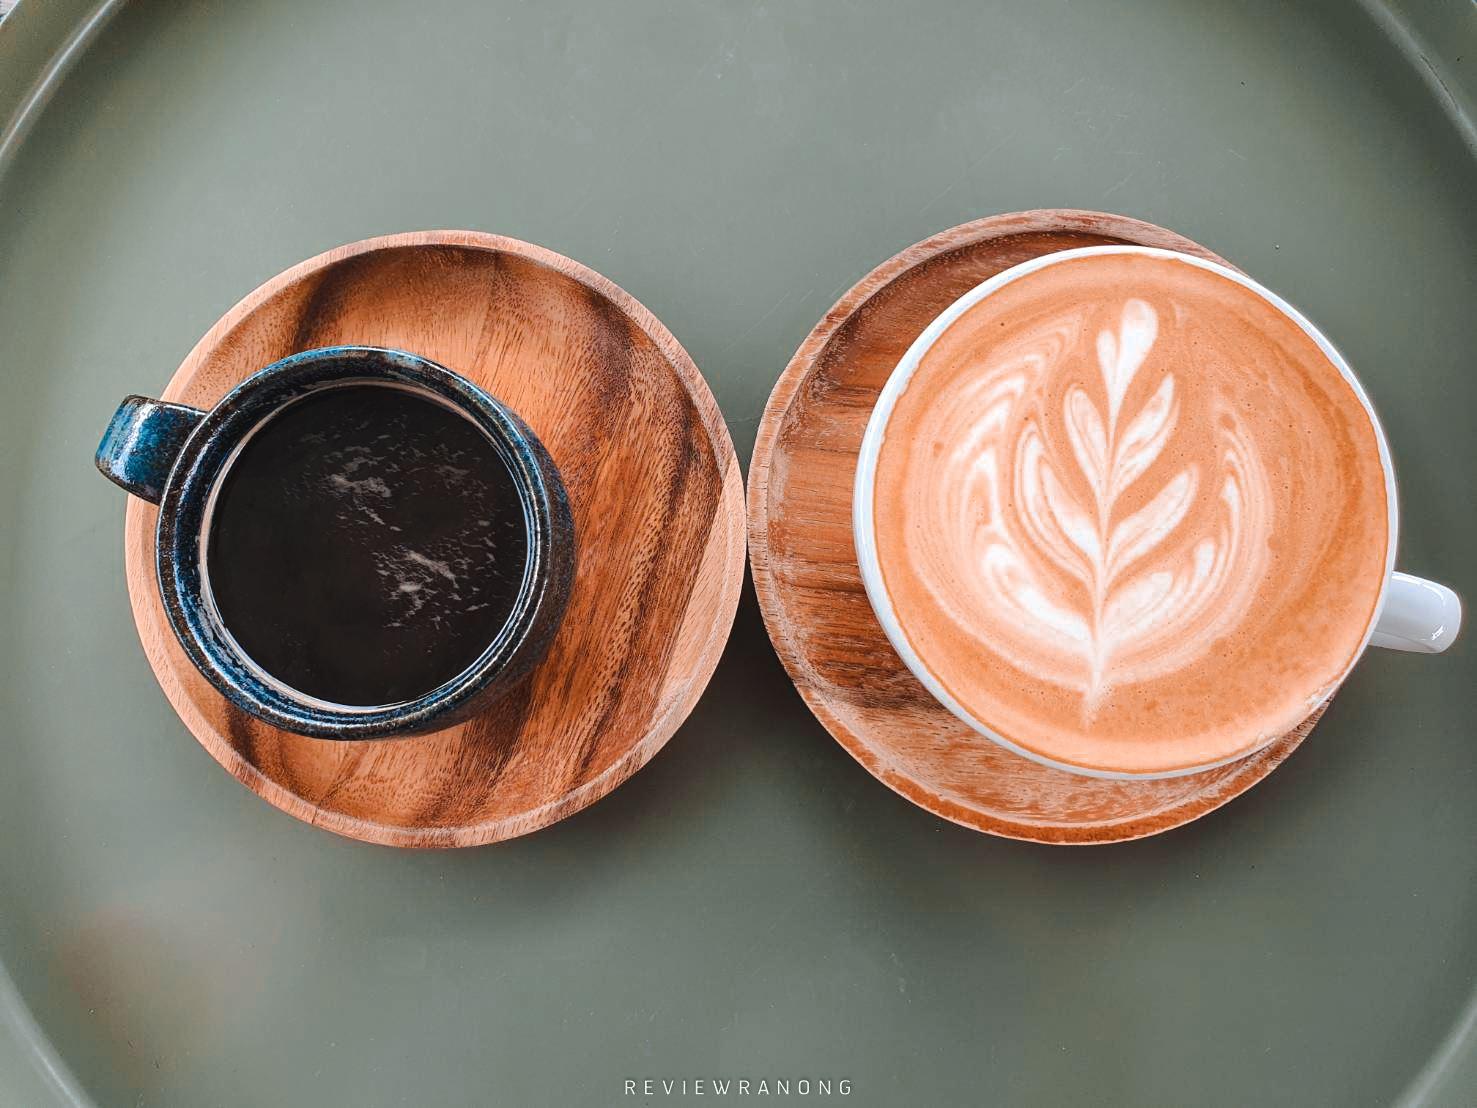 มาตะ,cafe,ระนอง,อร่อย,มินิมอล